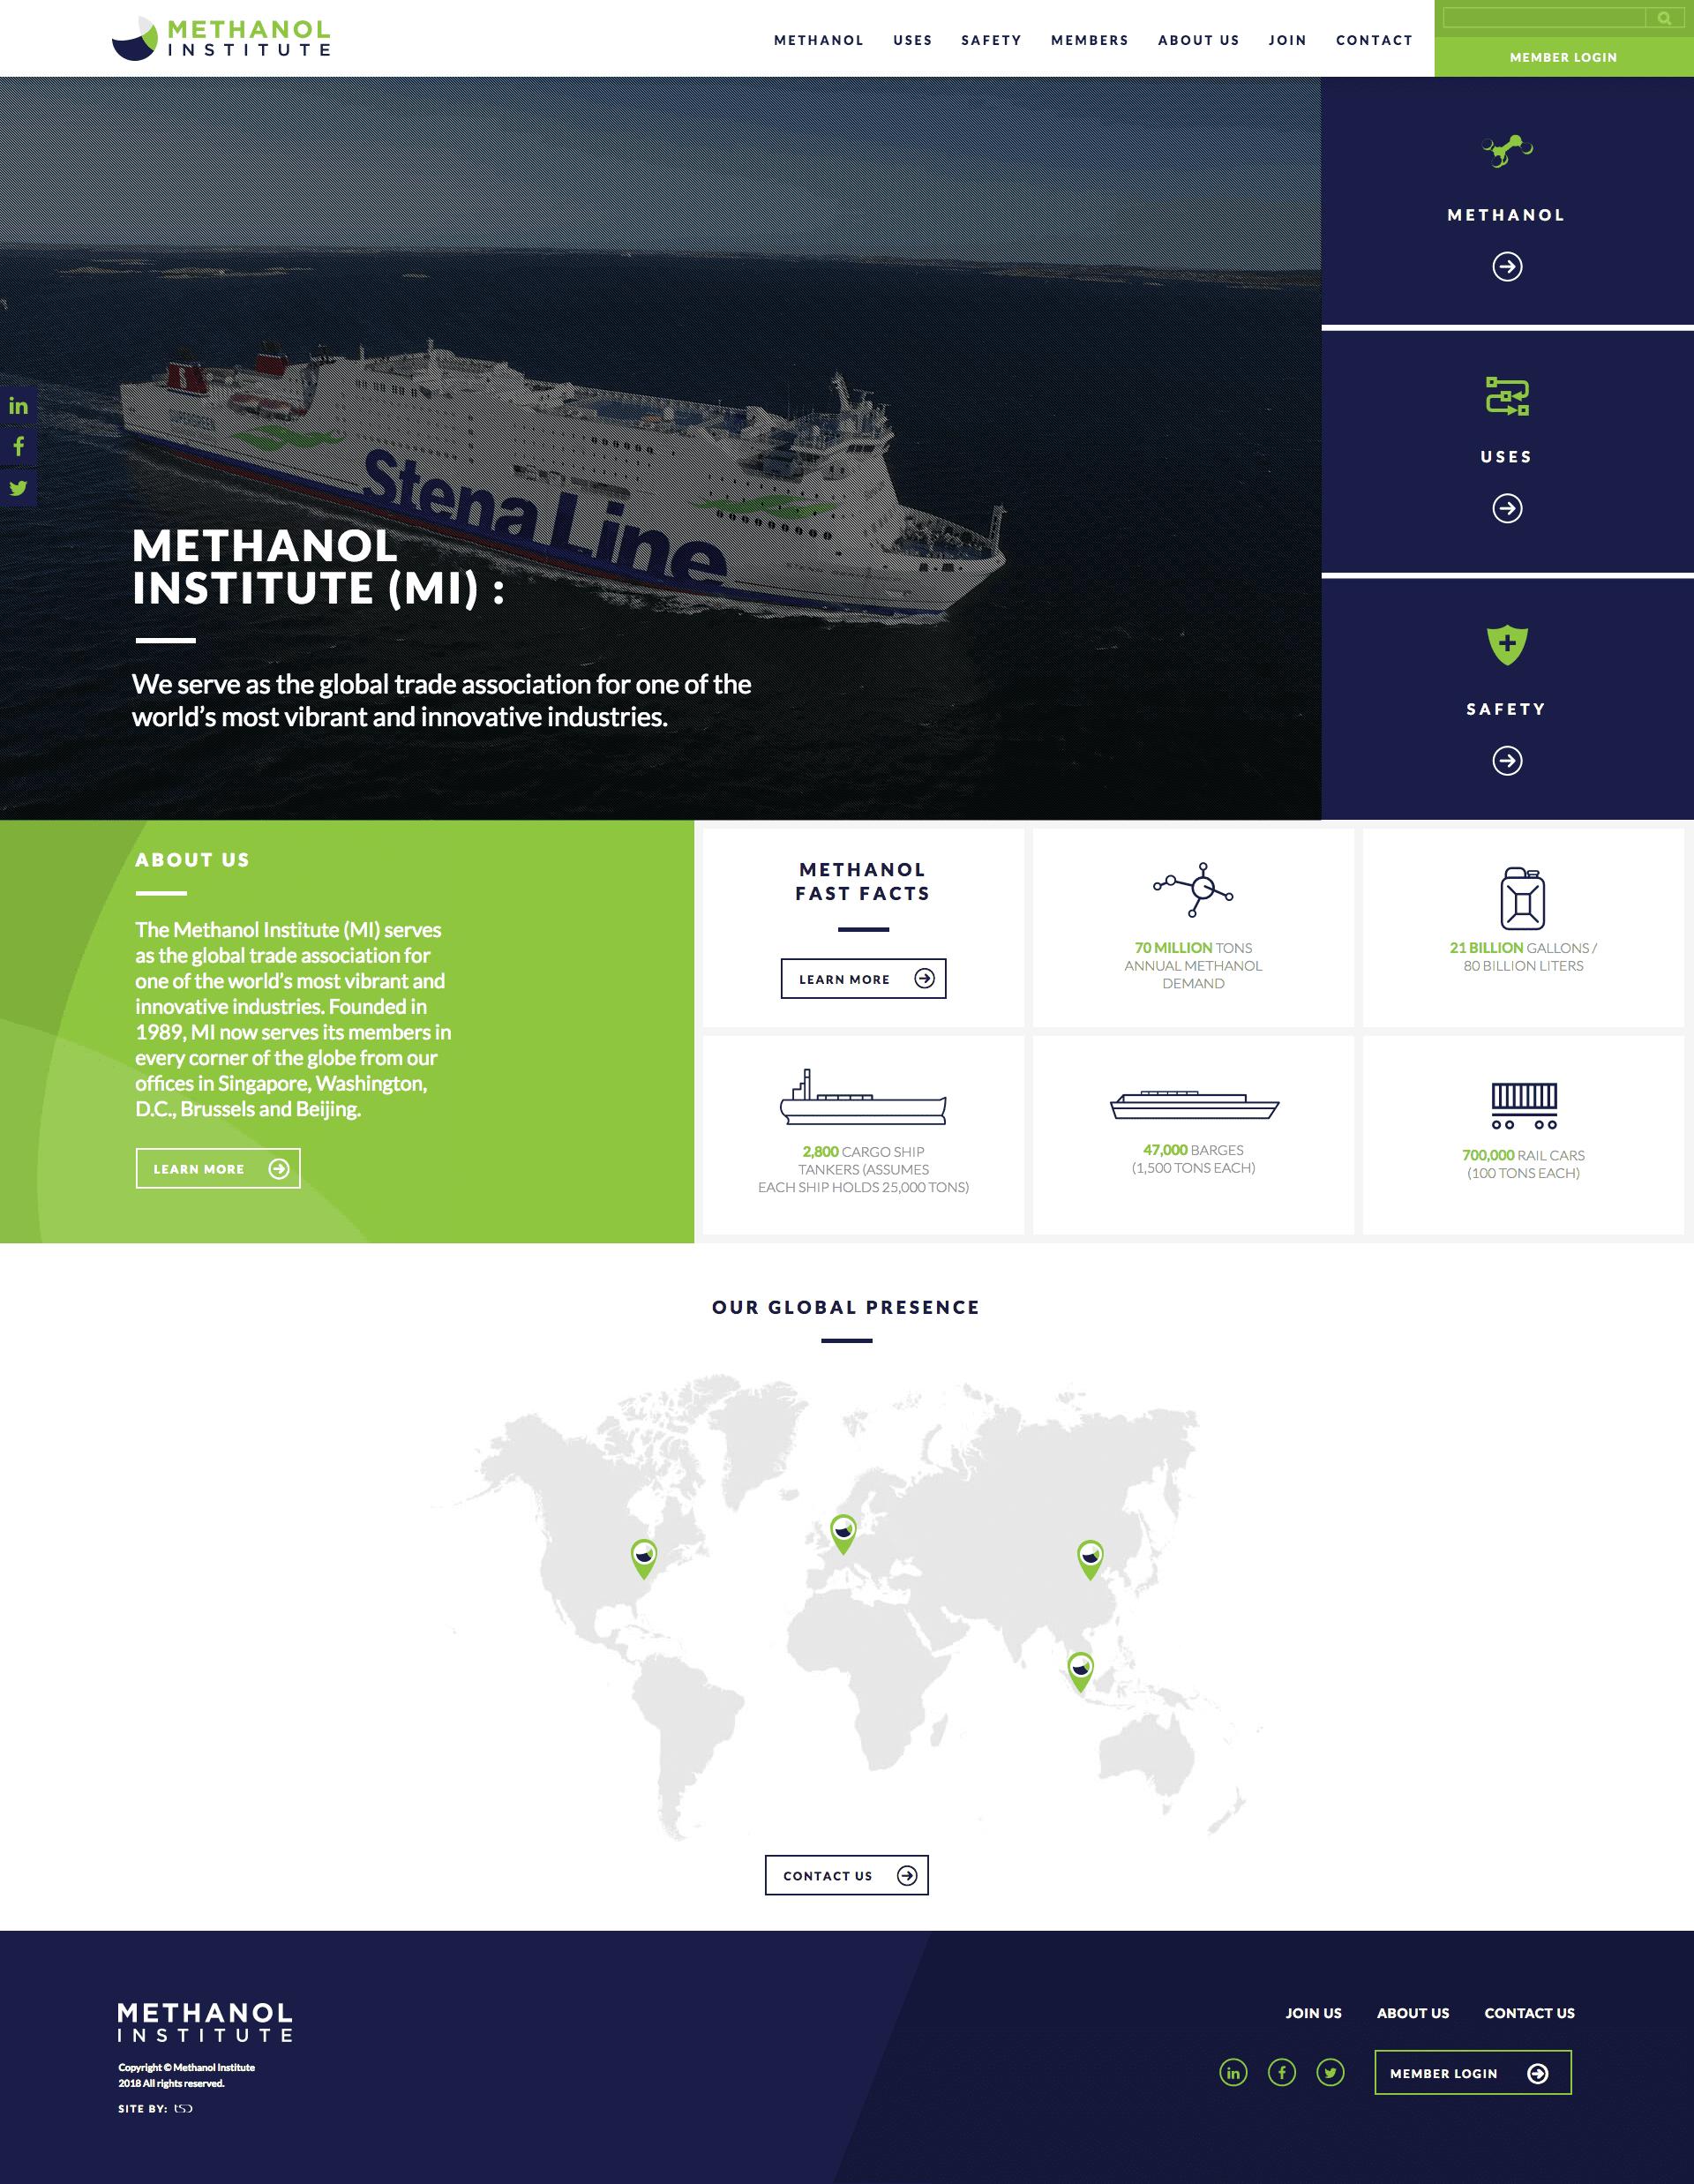 methanol.org